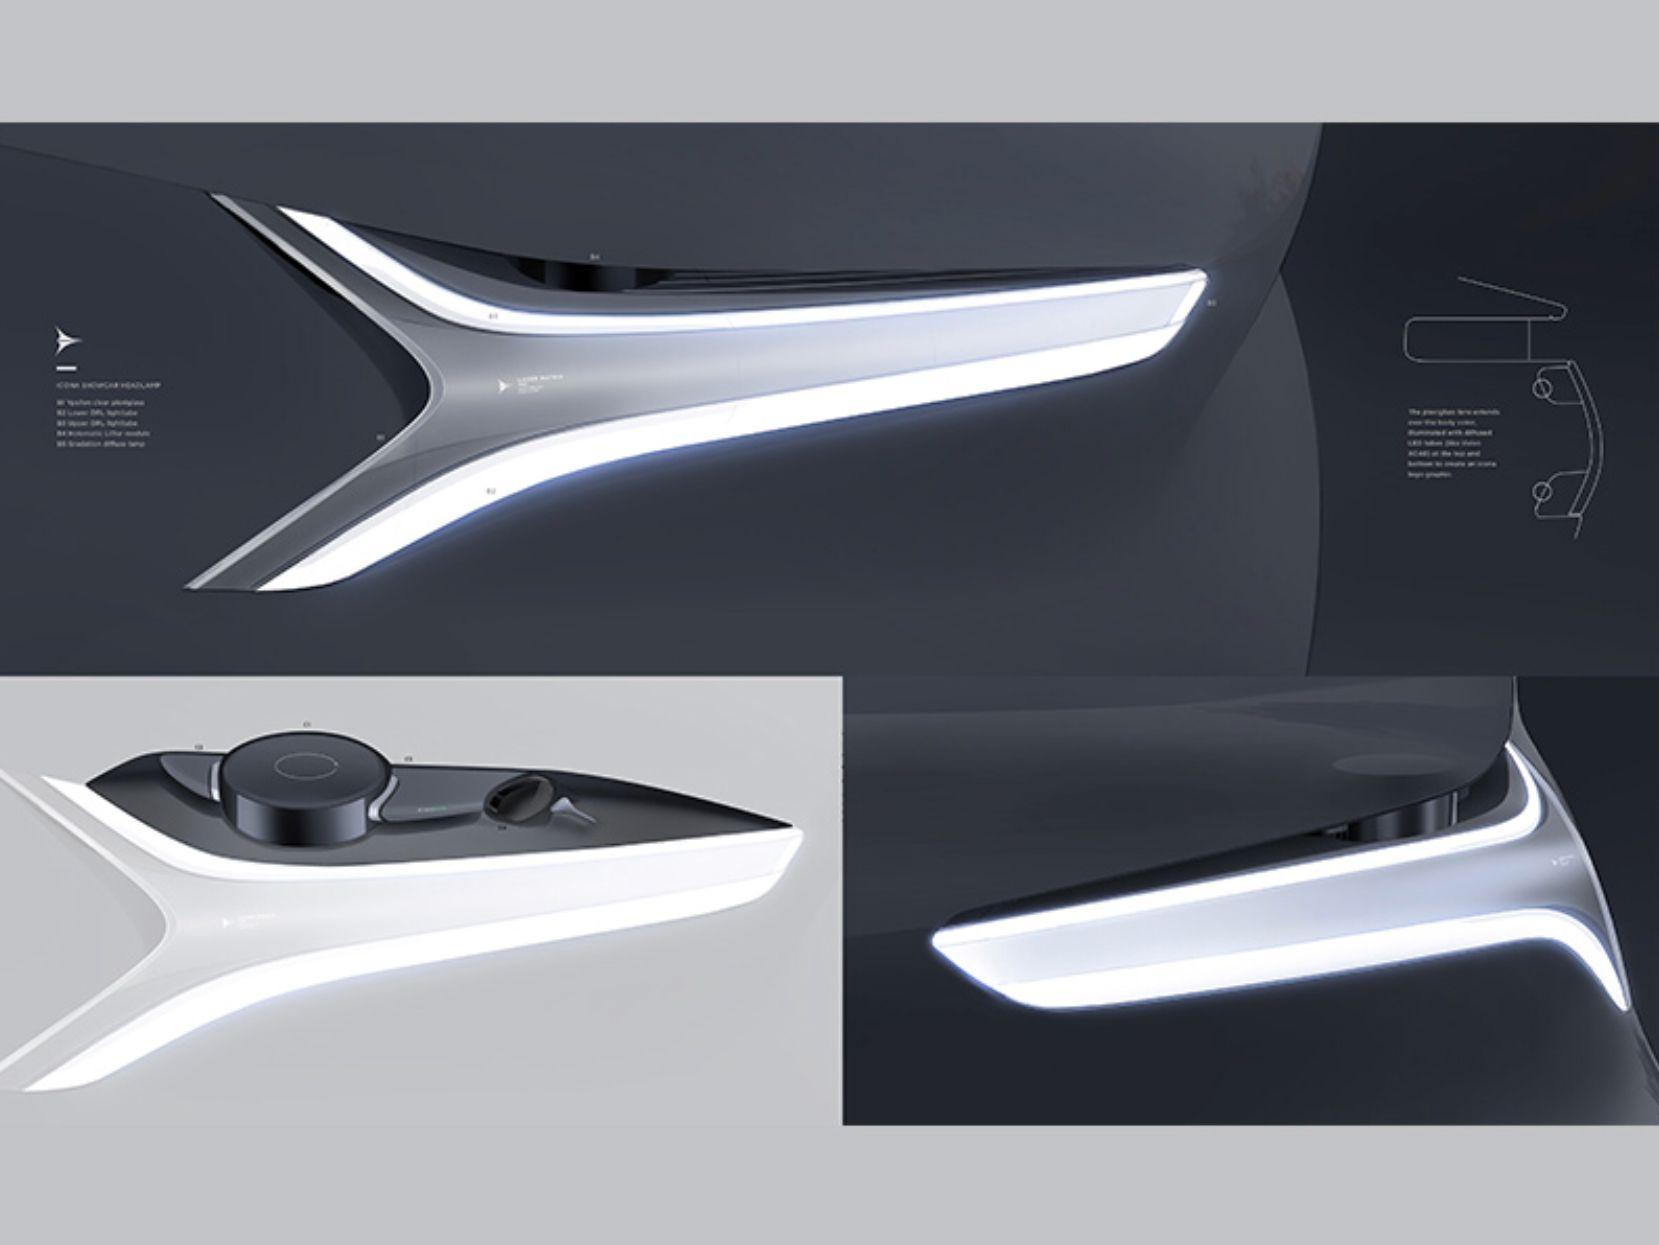 DESIGN_CAR에 있는 HeungMin Oh님의 핀 | 디자인, 포토샵